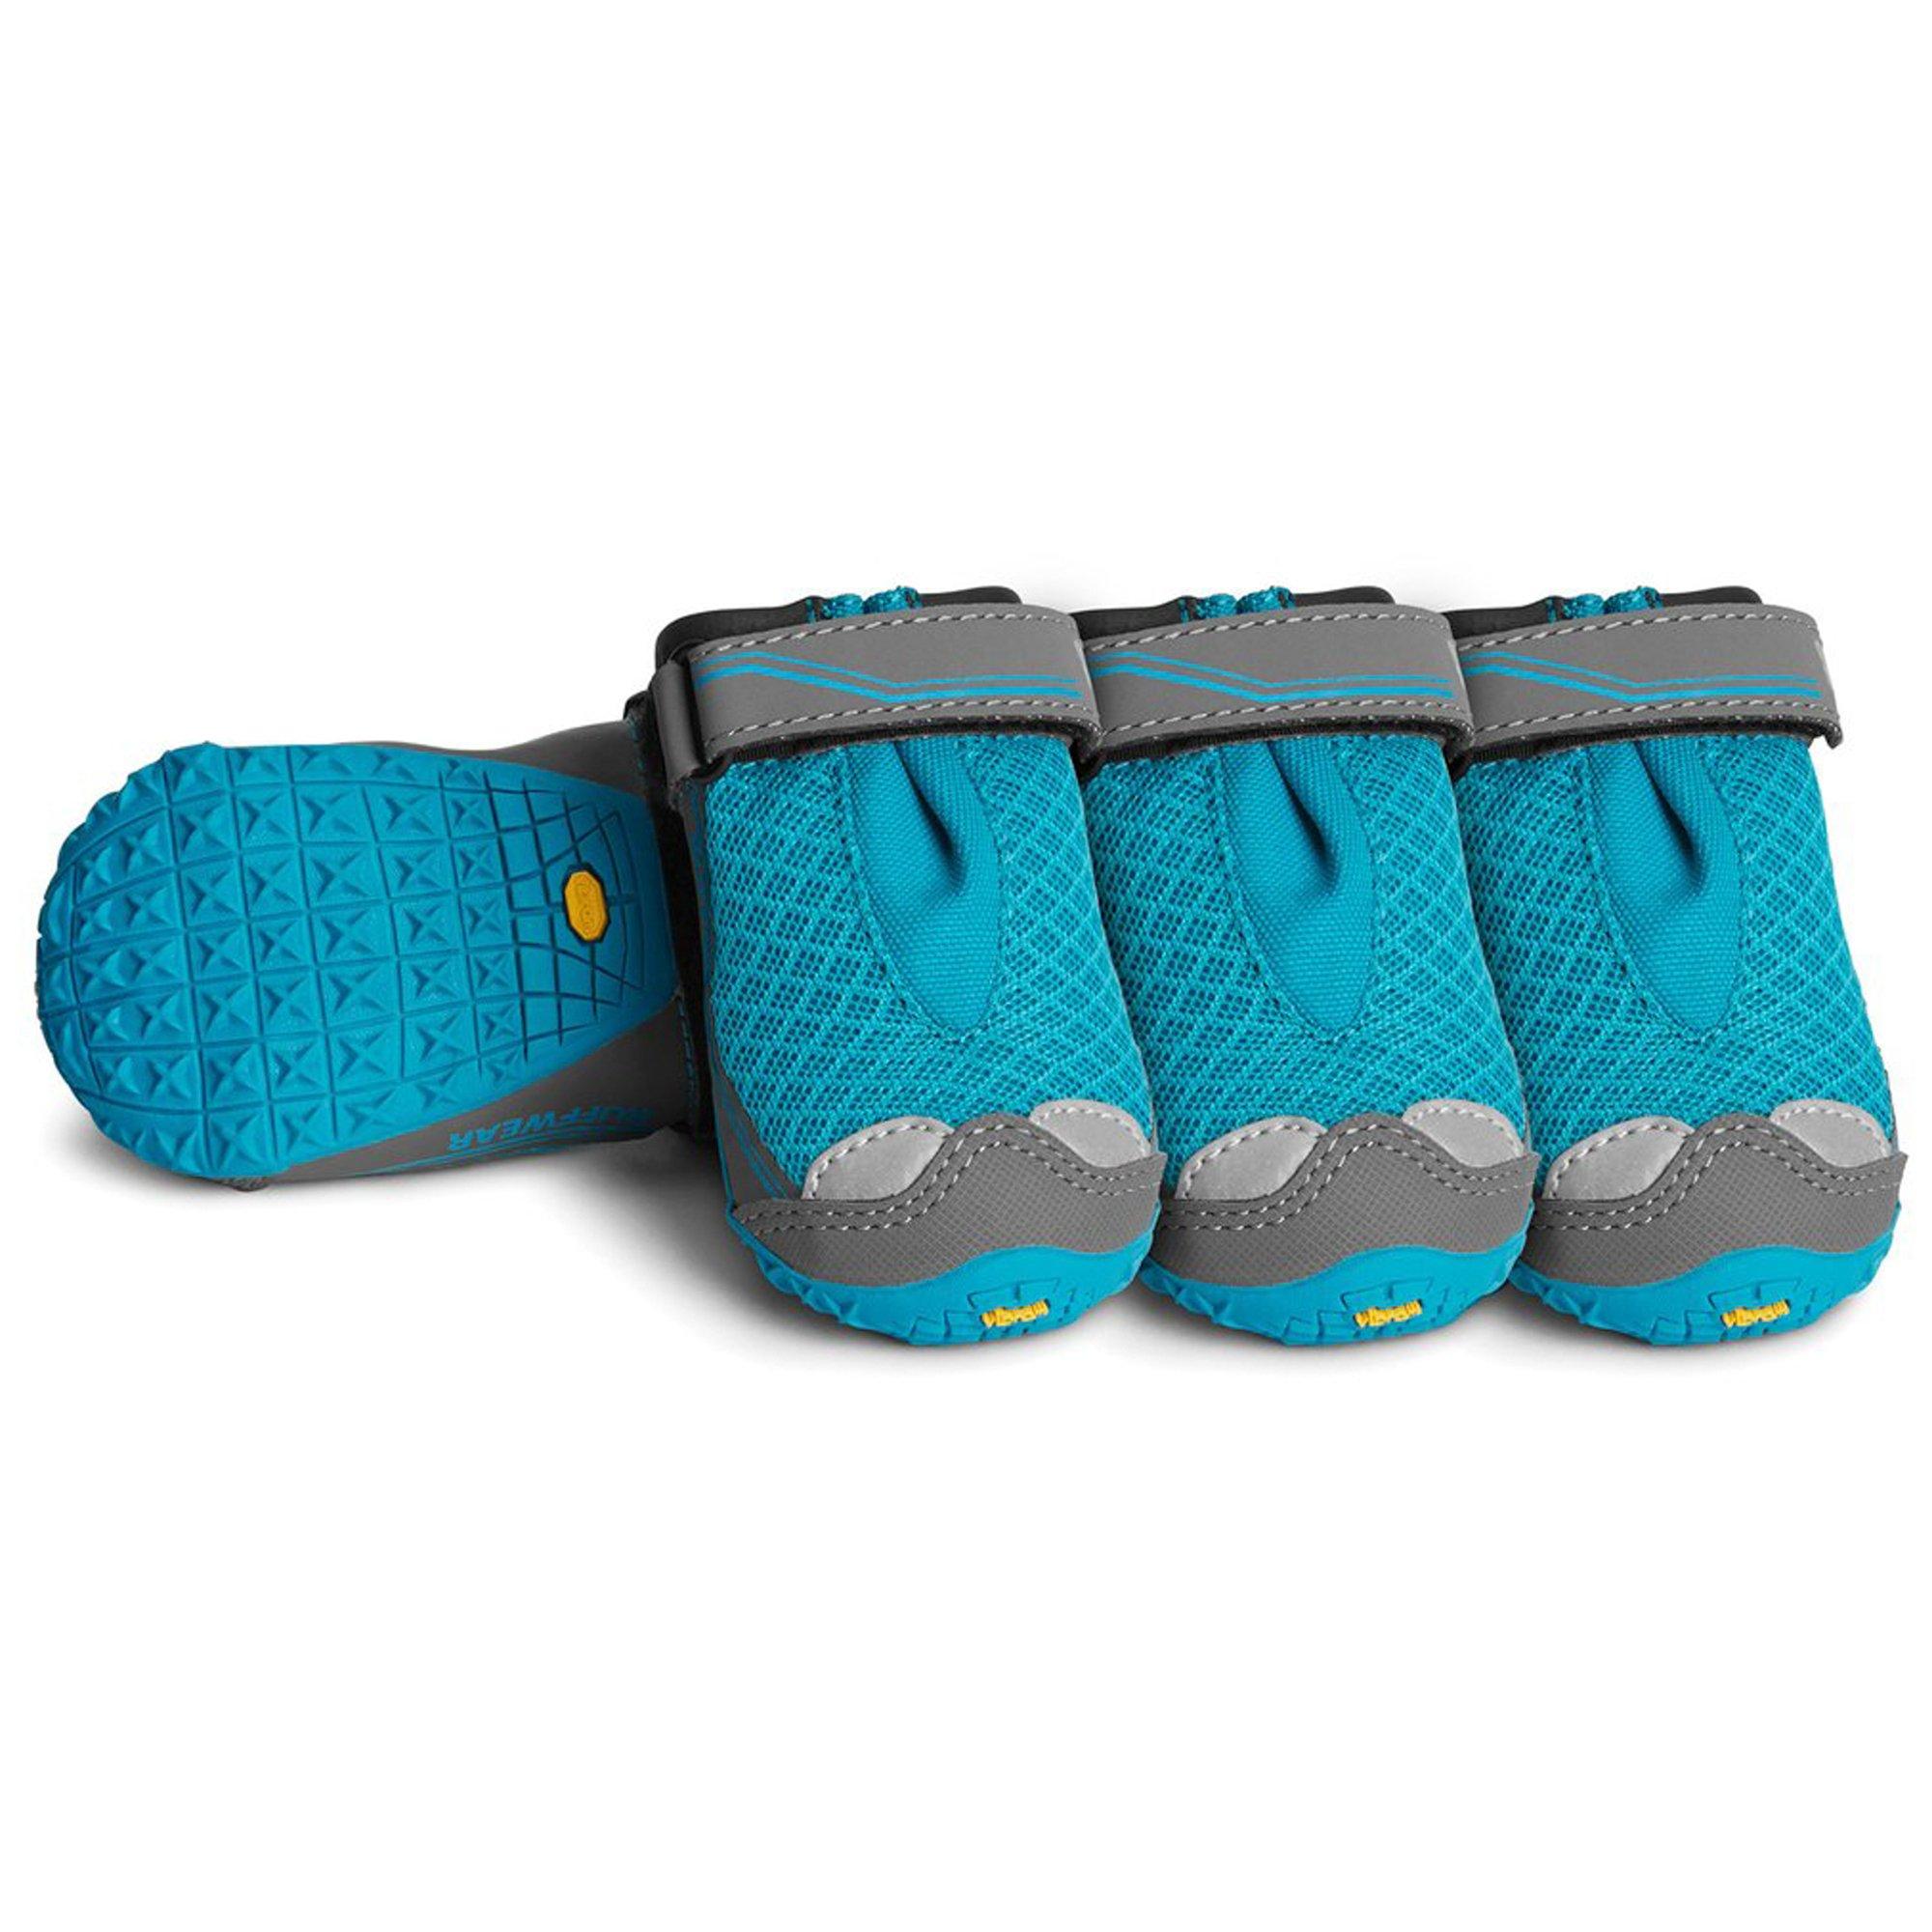 RUFFWEAR - Grip Trex, Blue Spring, 2.5 in (4 Boots) by RUFFWEAR